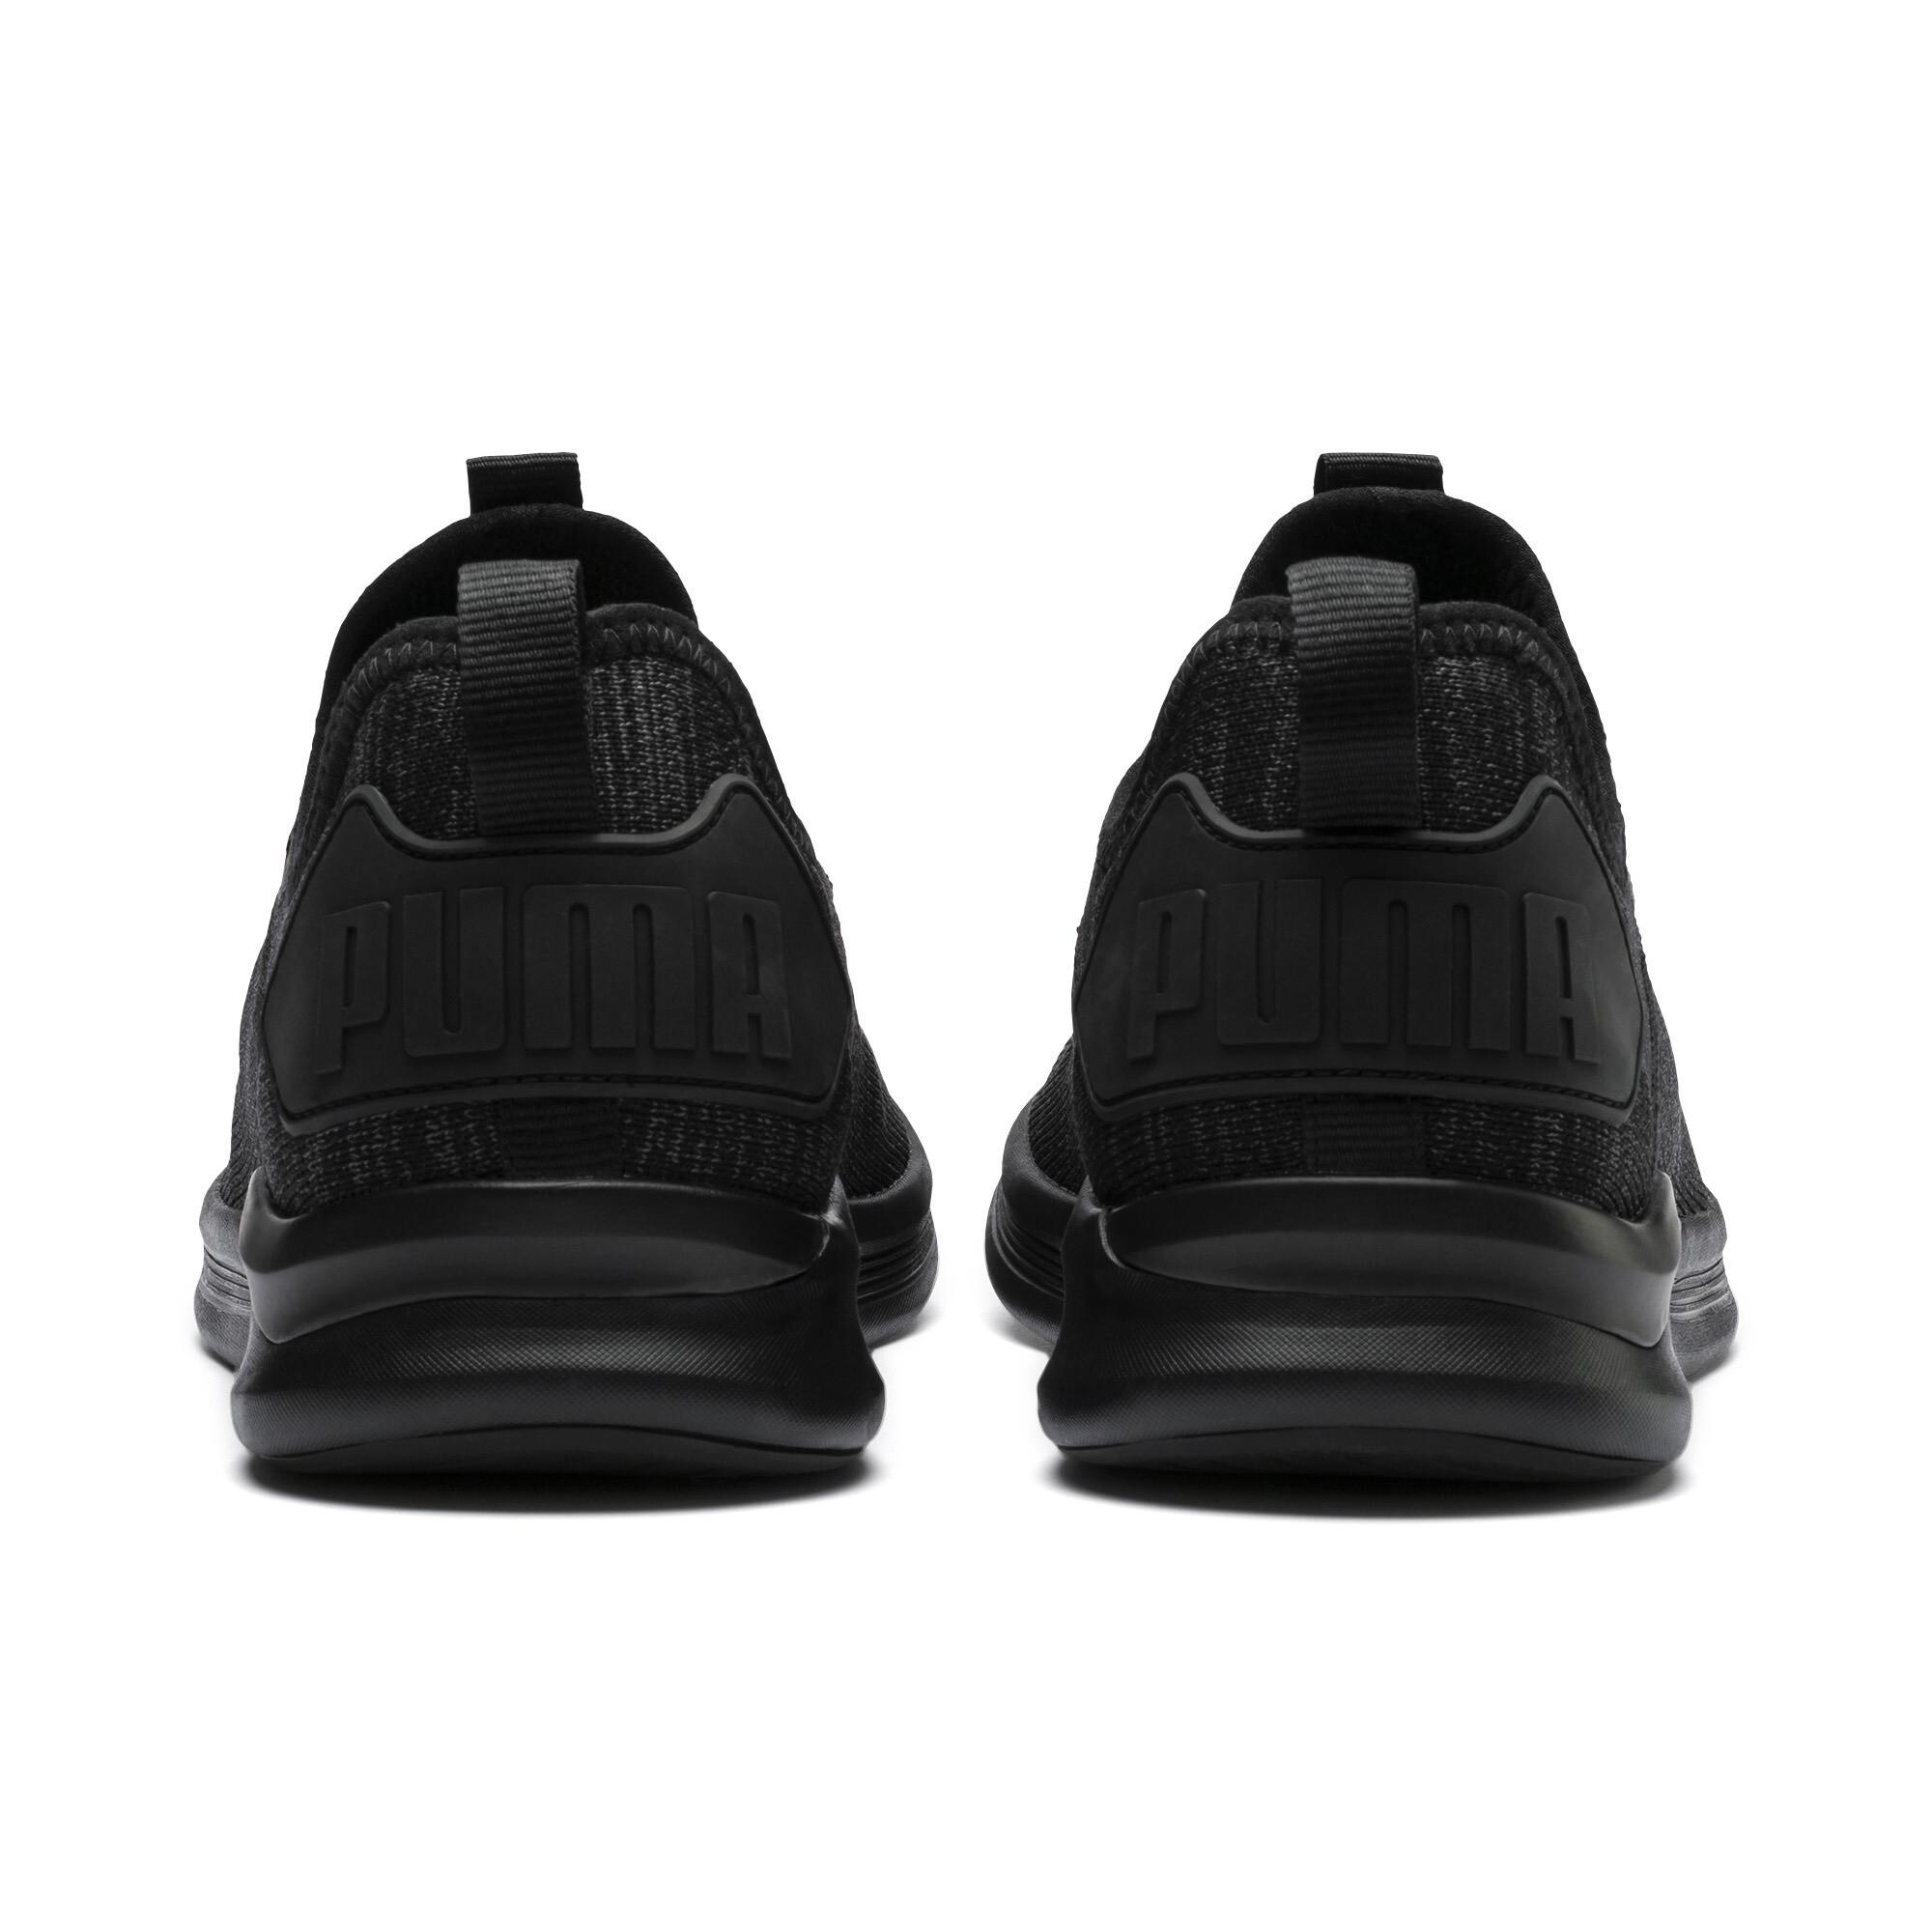 Zapatillas de entrenamiento IGNITE Flash evoKNIT para hombre